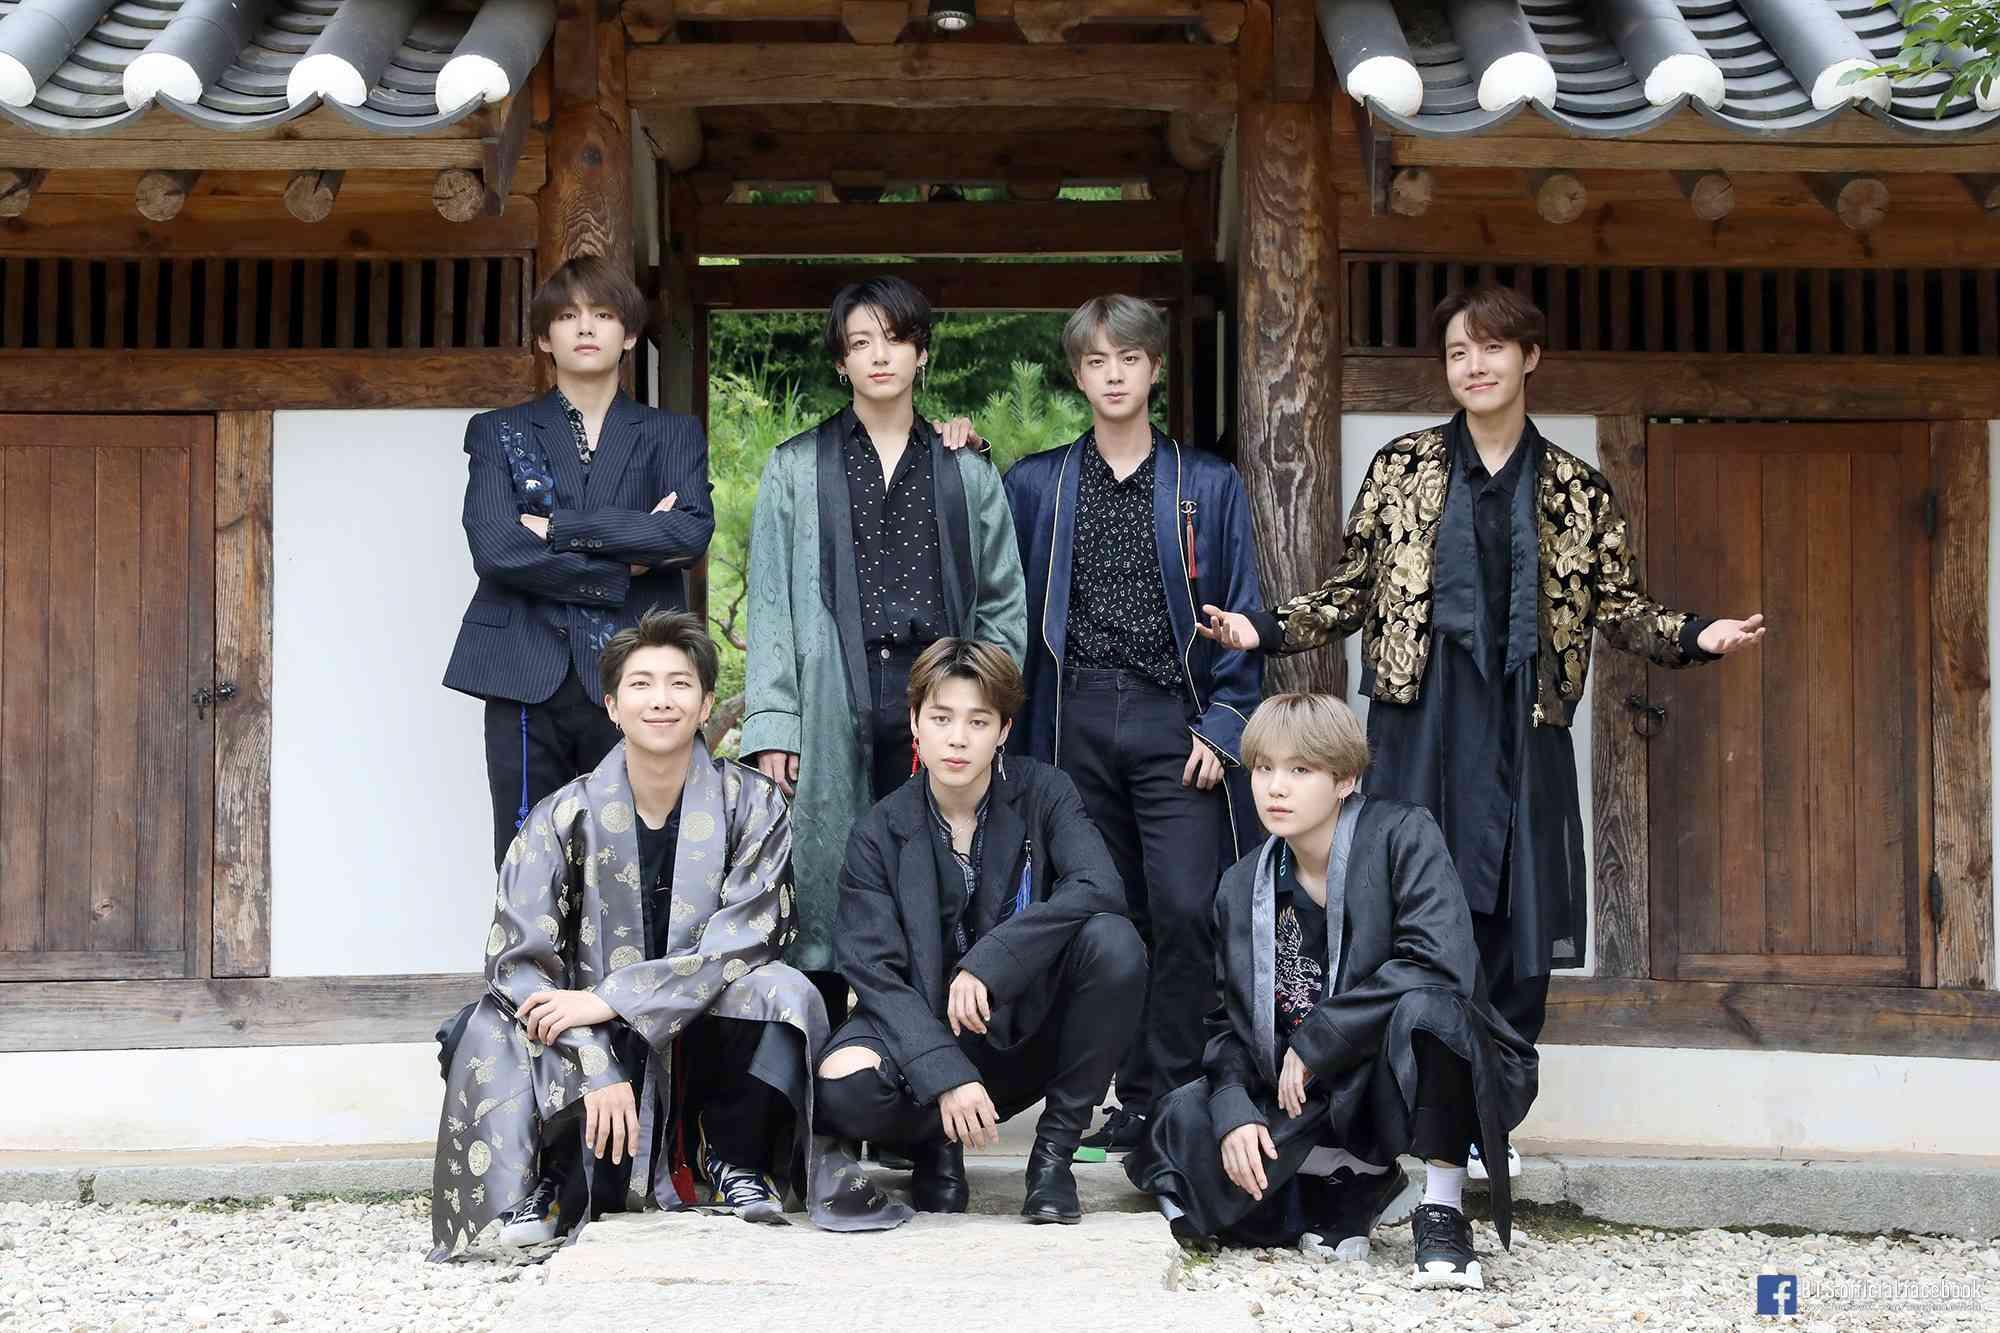 2013年出道的防彈少年團,至今已經6個年頭,防彈少年團也從一個小公司的團體,成長為世界級的K-POP頂級男團,幾乎全球各地都有他們的瘋狂粉絲。